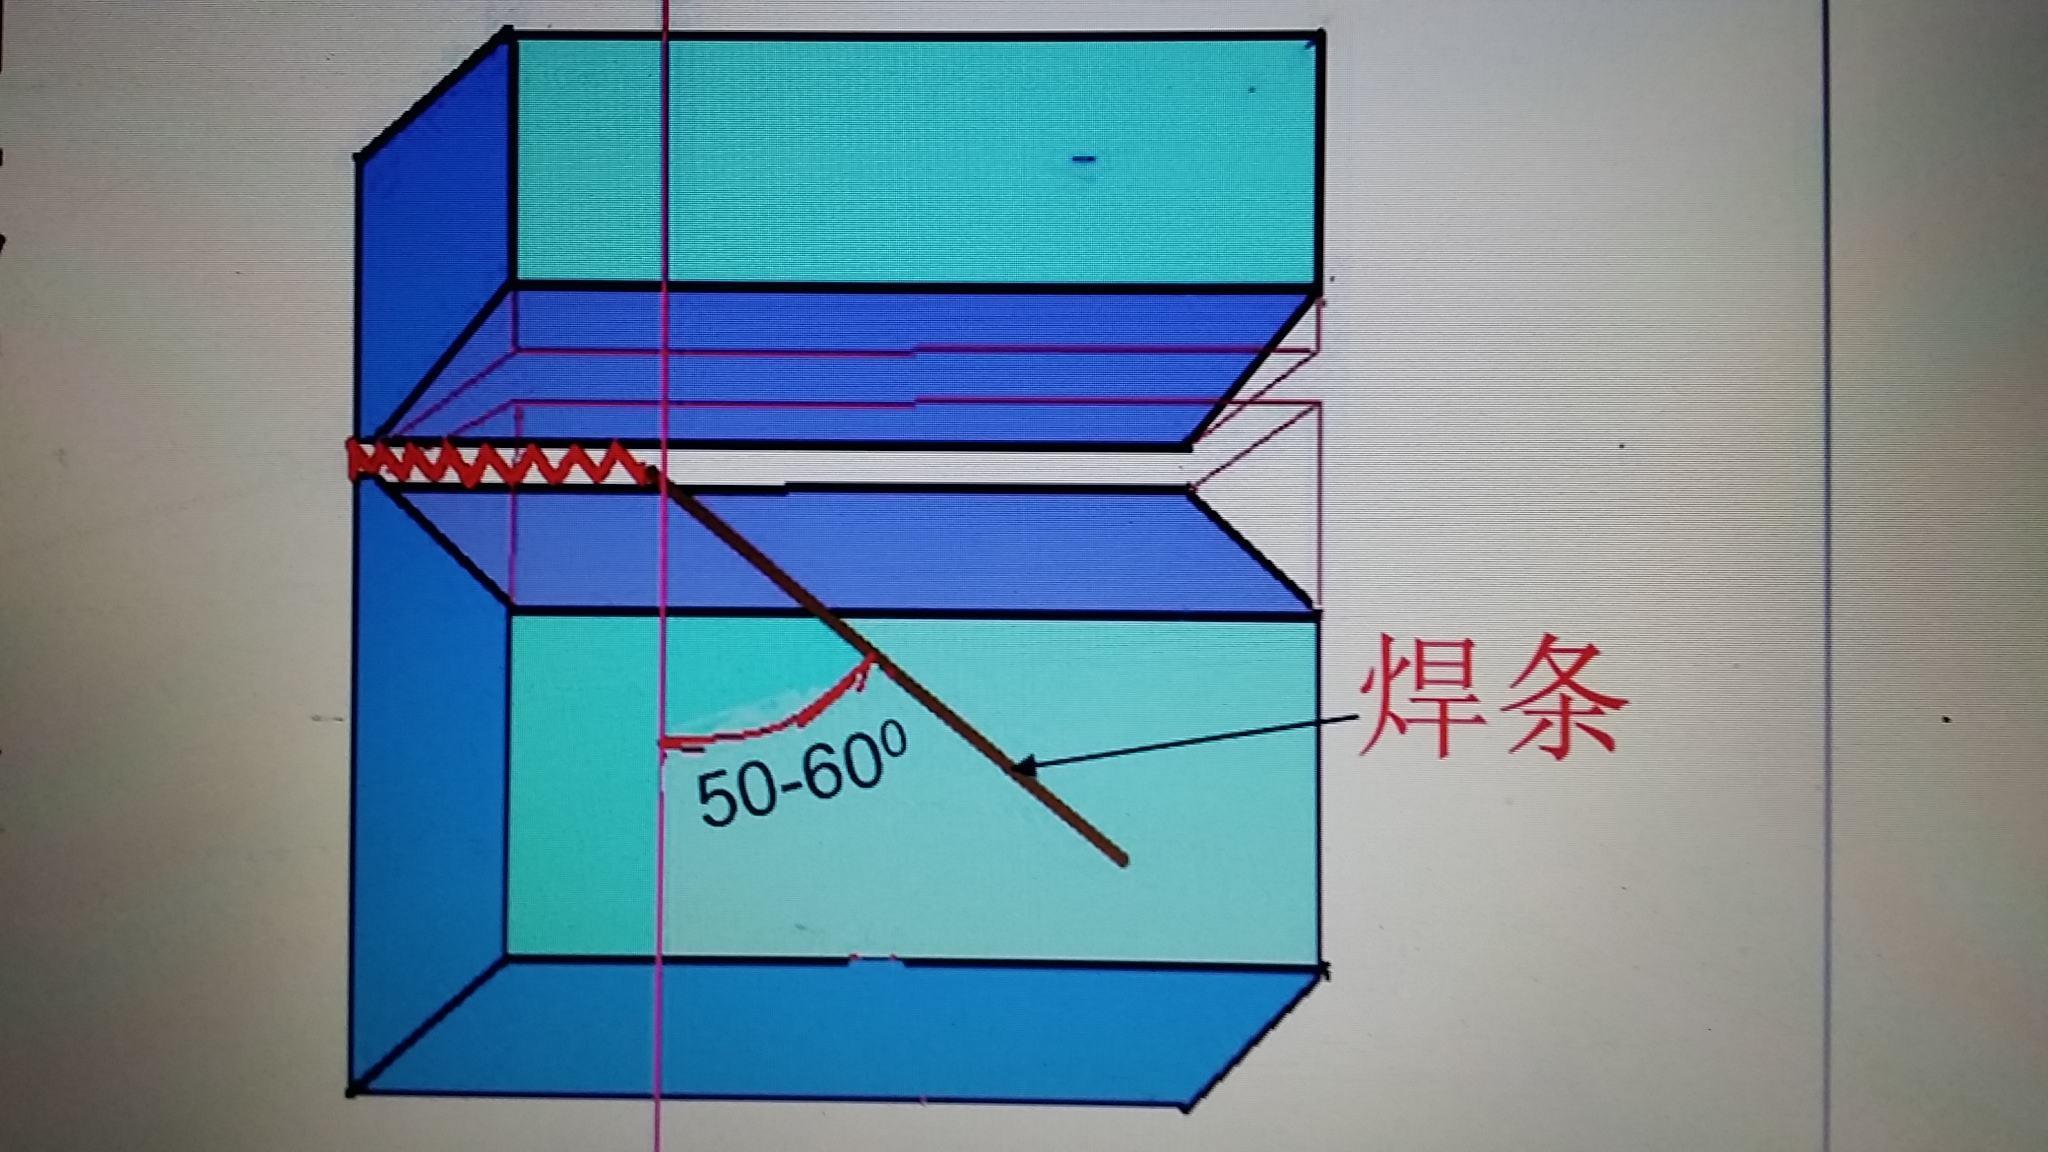 二保焊横焊摆动方法 赶紧来学习图片